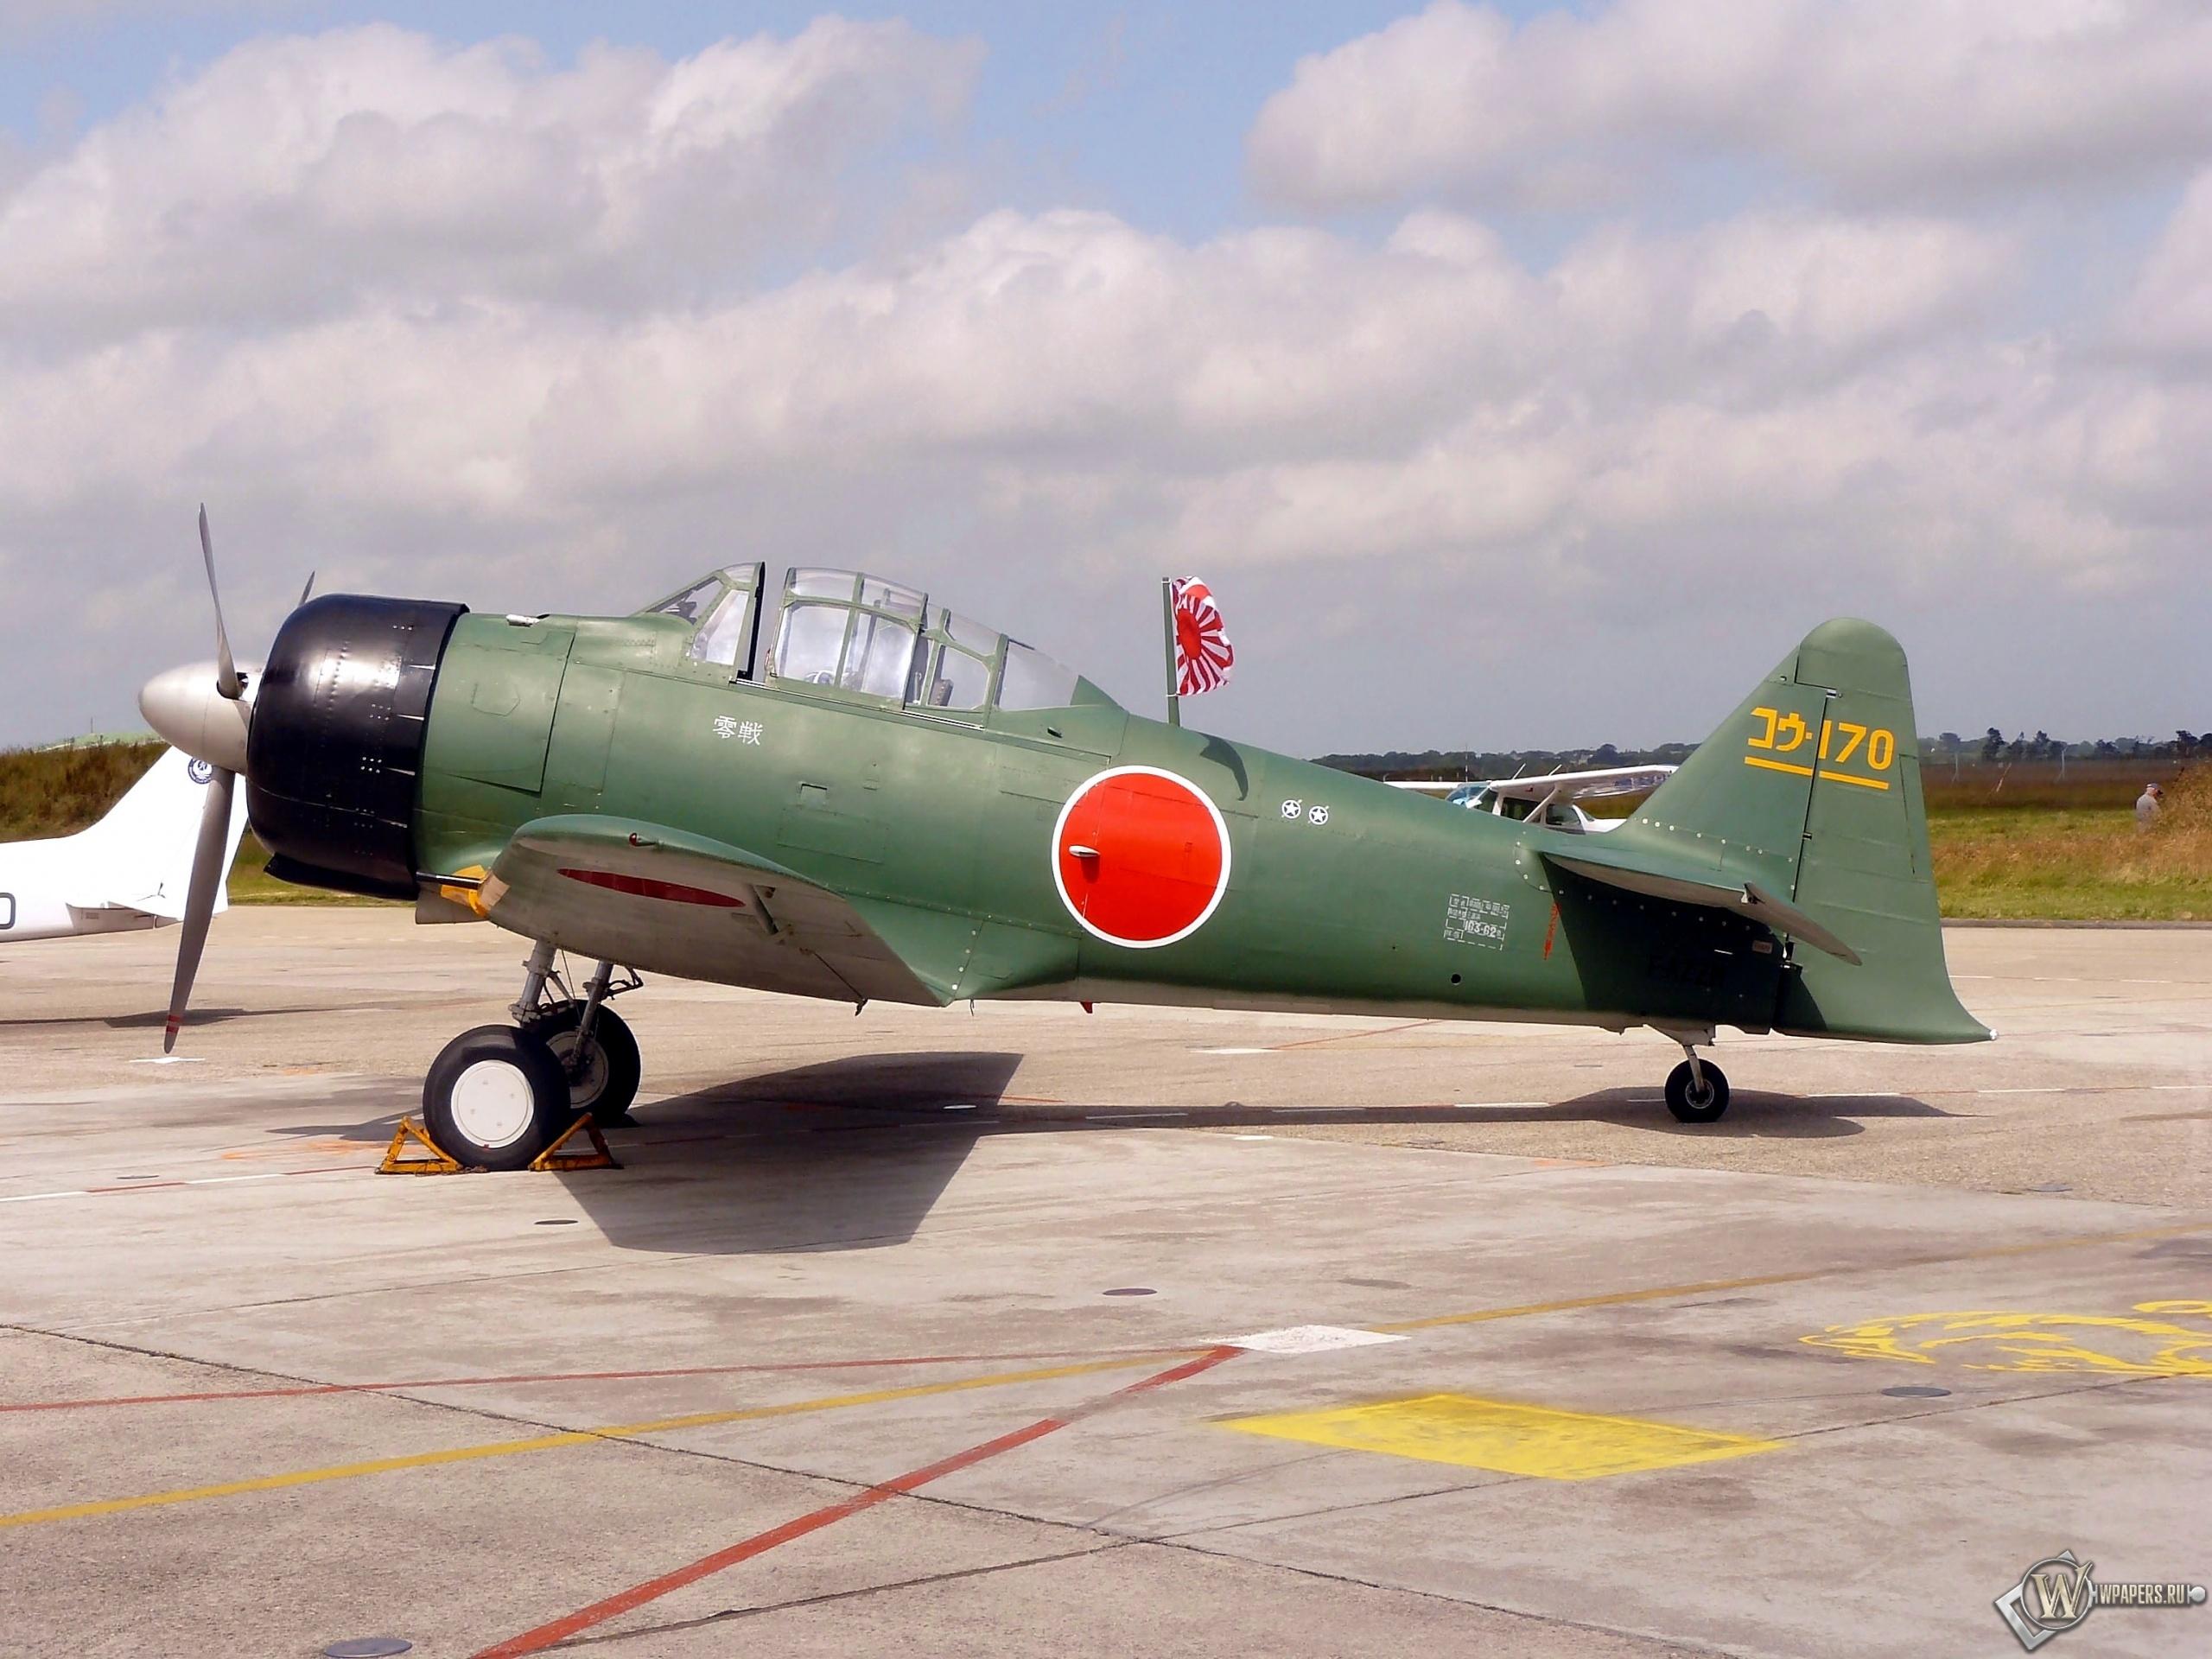 Mitsubishi A6M3 Reisen (Zero) 2560x1920